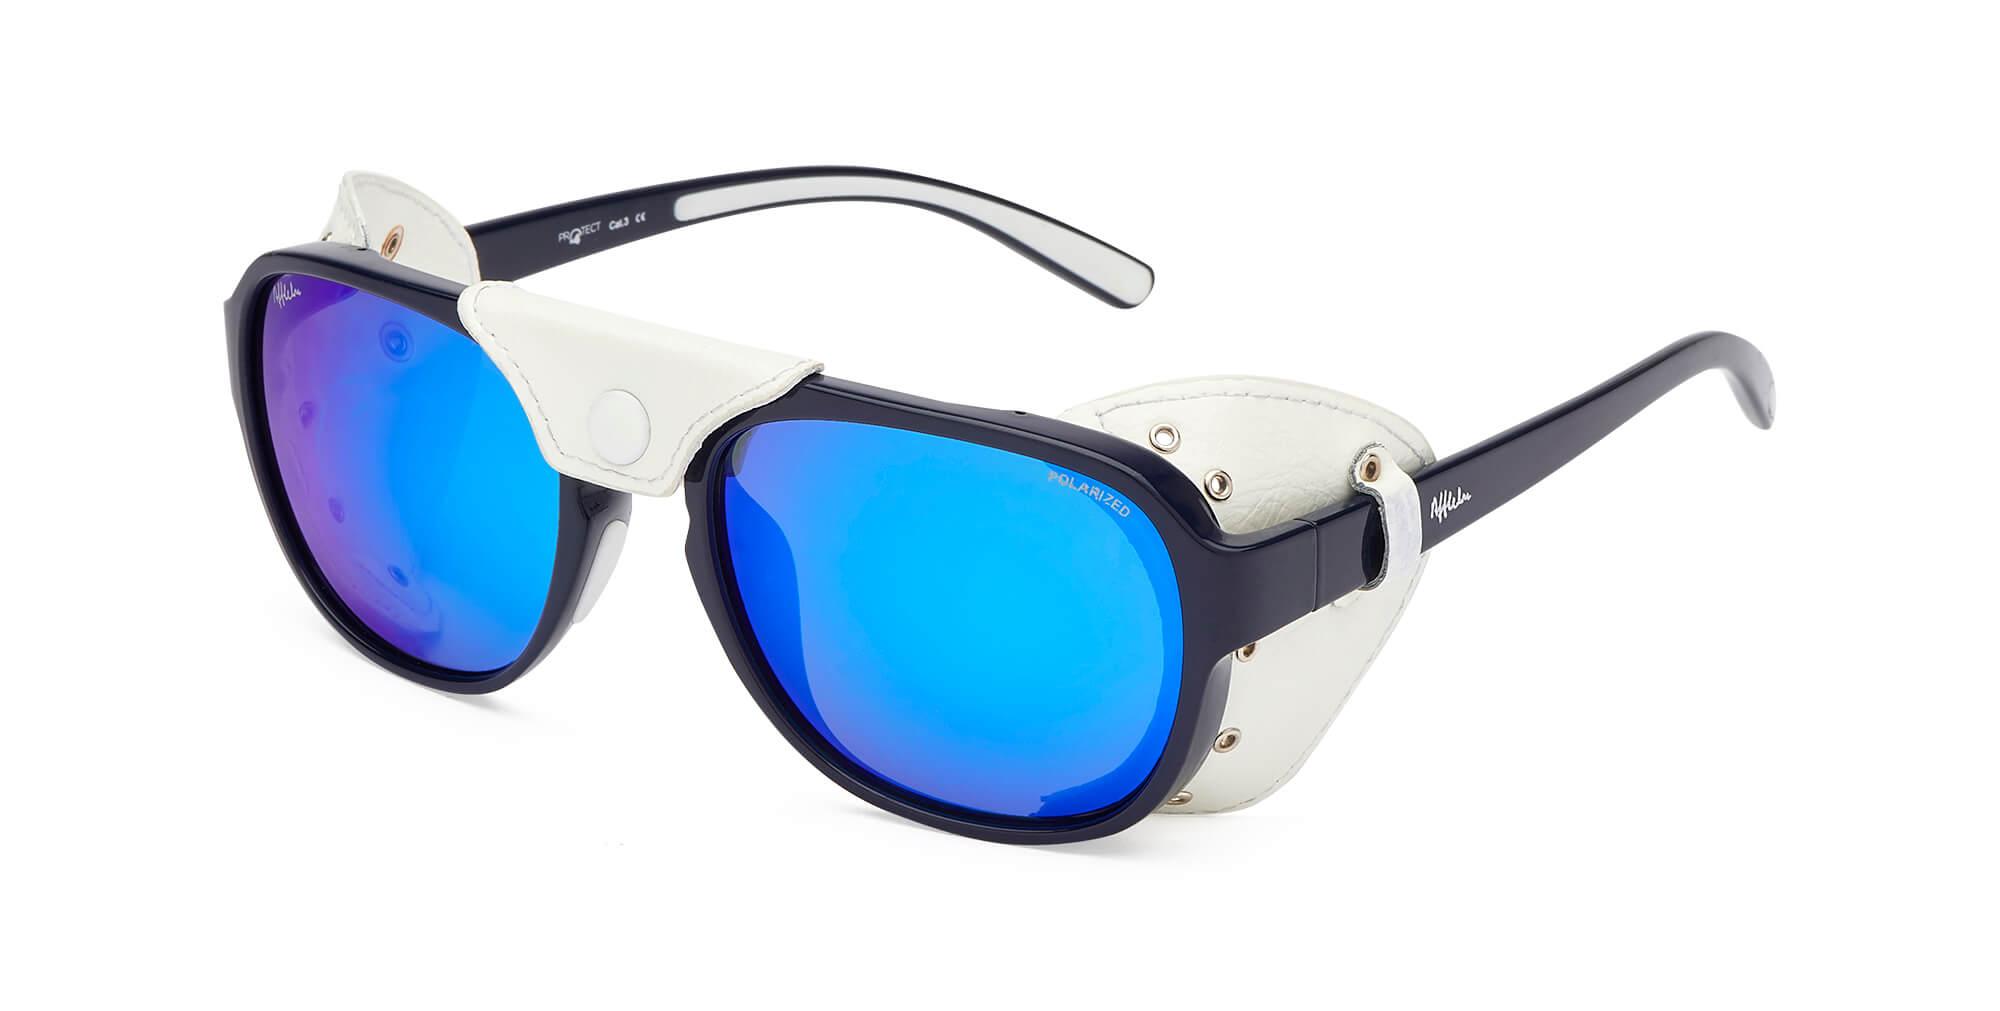 72ff45b2b2 Las nuevas gafas de sol de Afflelou Paris se presentan como un icono de  estilo tanto para montaña como para el ámbito urbano gracias a las  protecciones de ...